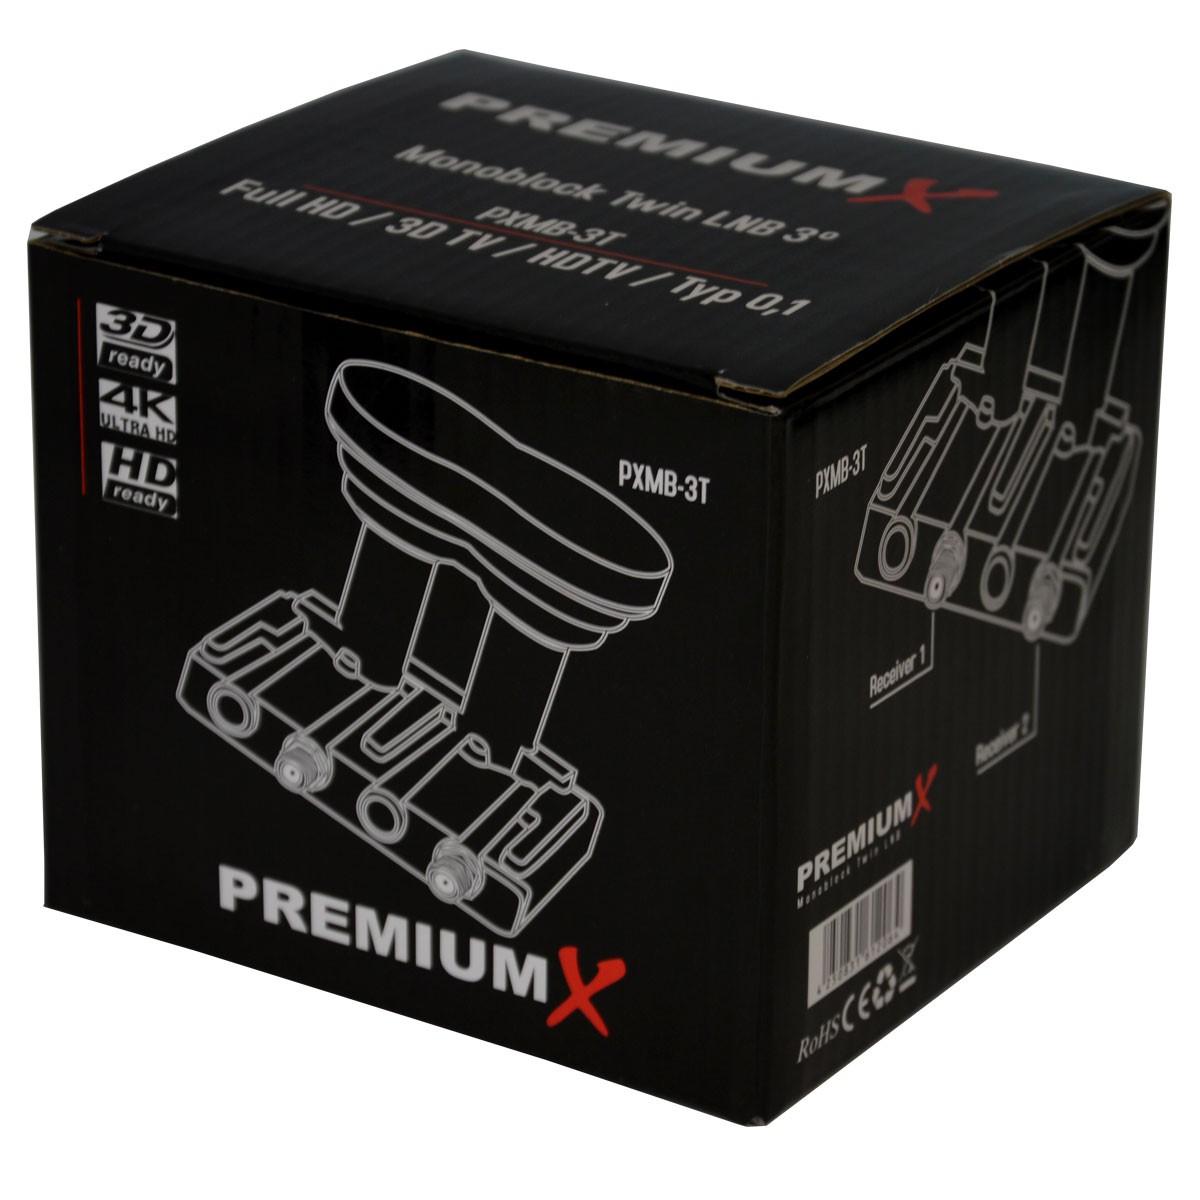 PremiumX Twin Monoblock LNB 3° PXMB-3T Sat für 2 Teilnehmer DVB-S2 UHD 4K